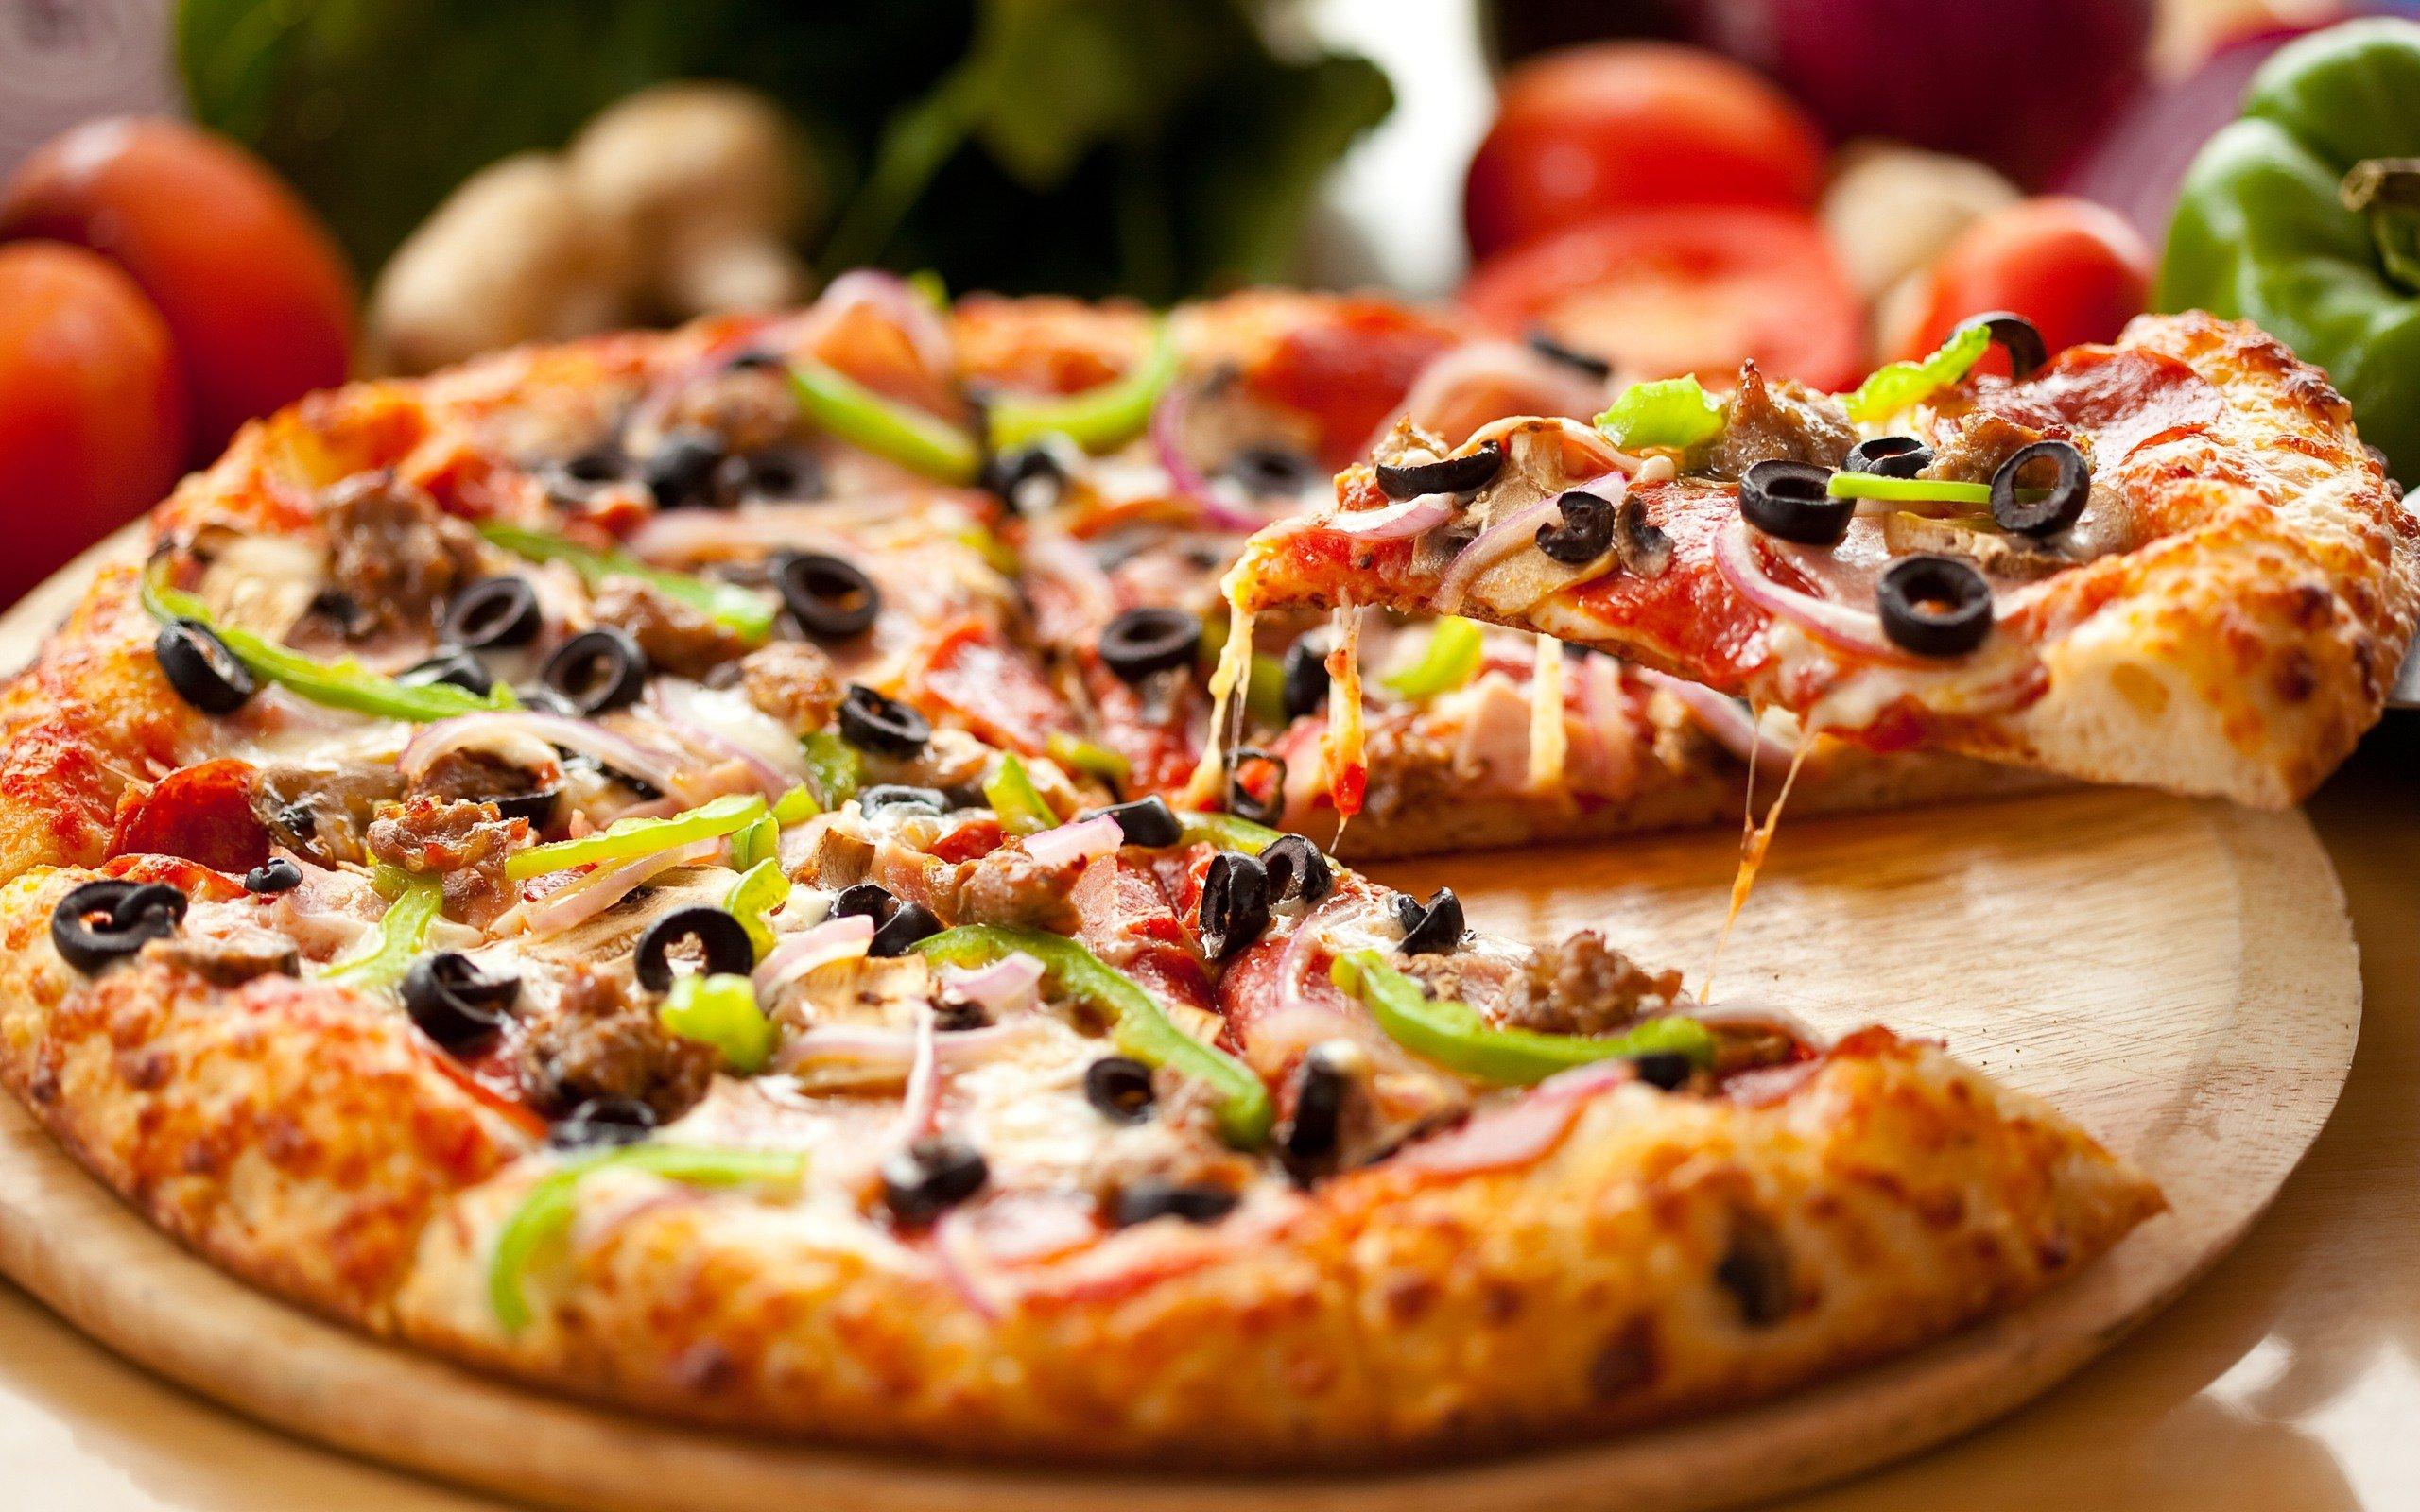 Τα καλύτερα «γιατροσόφια» για να περιορίσετε το λίπος από τα φαγητά